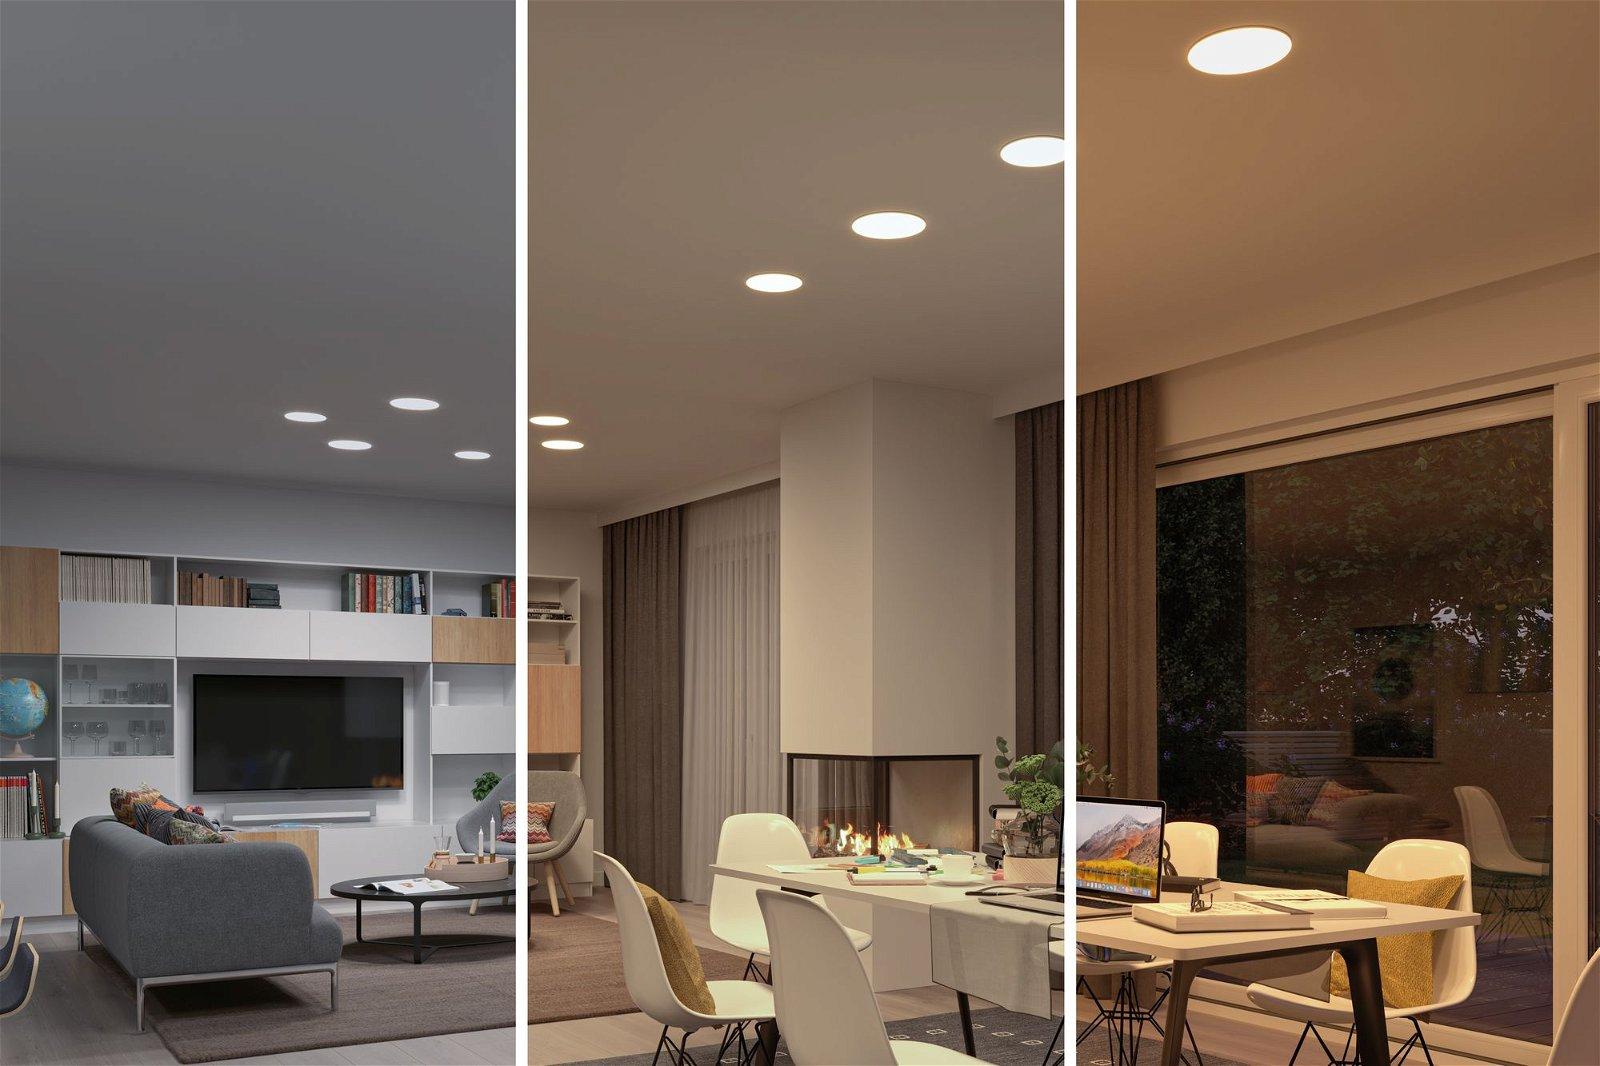 VariFit LED Einbaupanel Veluna IP44 IP44 rund 215mm 1900lm White Switch Transparent